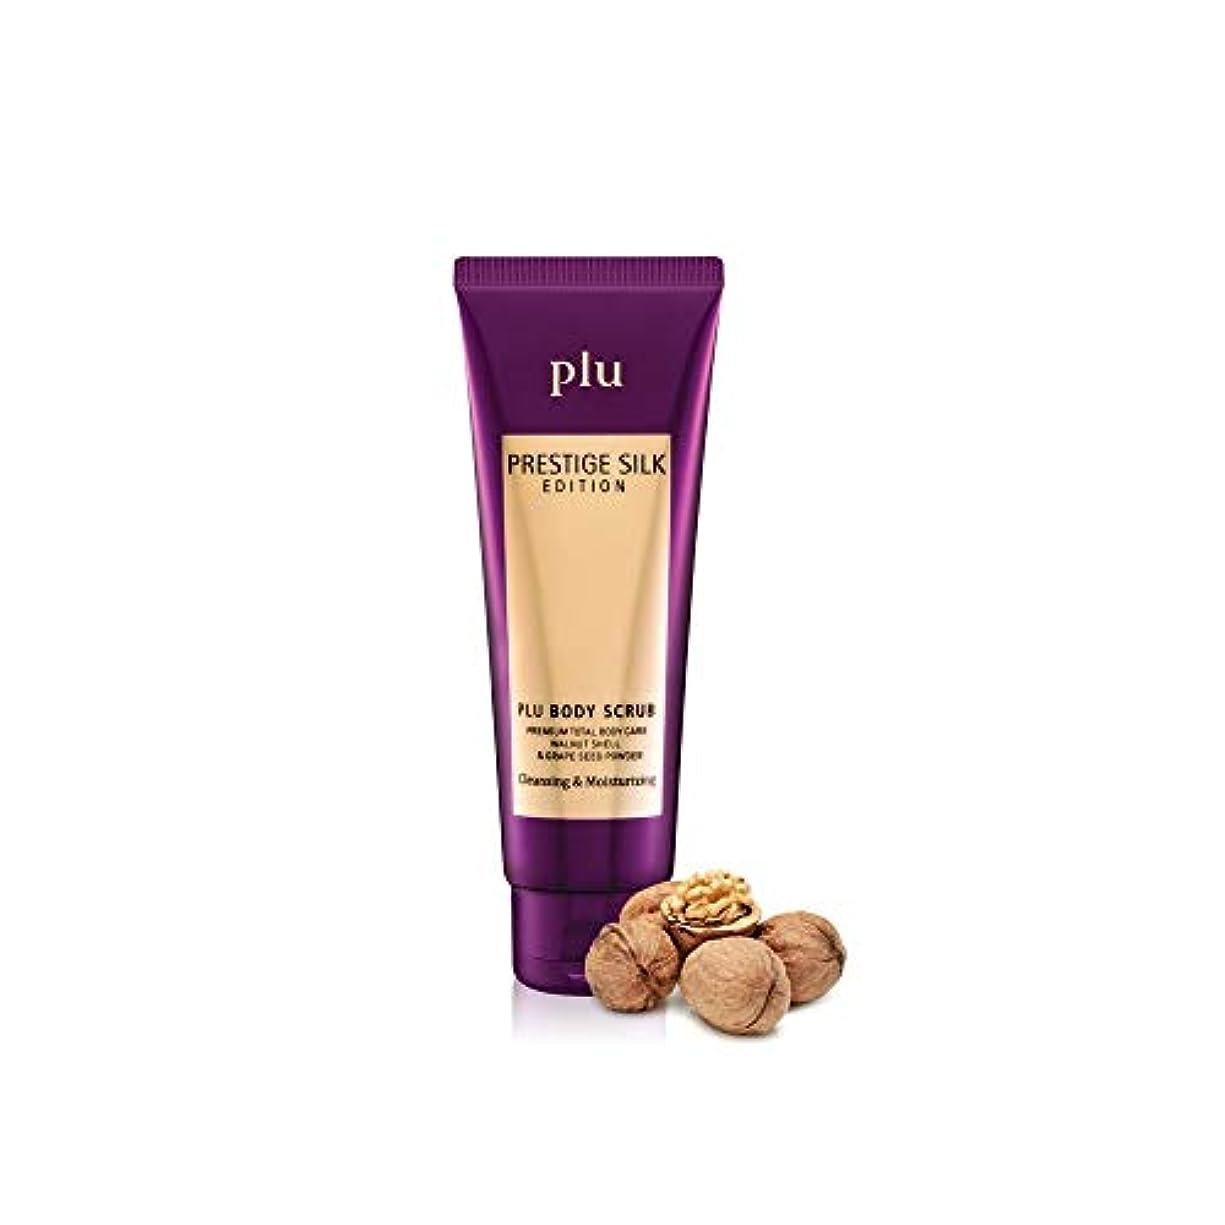 驚かすオフセット暖かさ[ギフト付き] Plu プル プレステージ セラピー エディション ボディスクラブ 50g/180g / Plu Prestige Therapy Edition Body Scrub 50g /180 (180g)